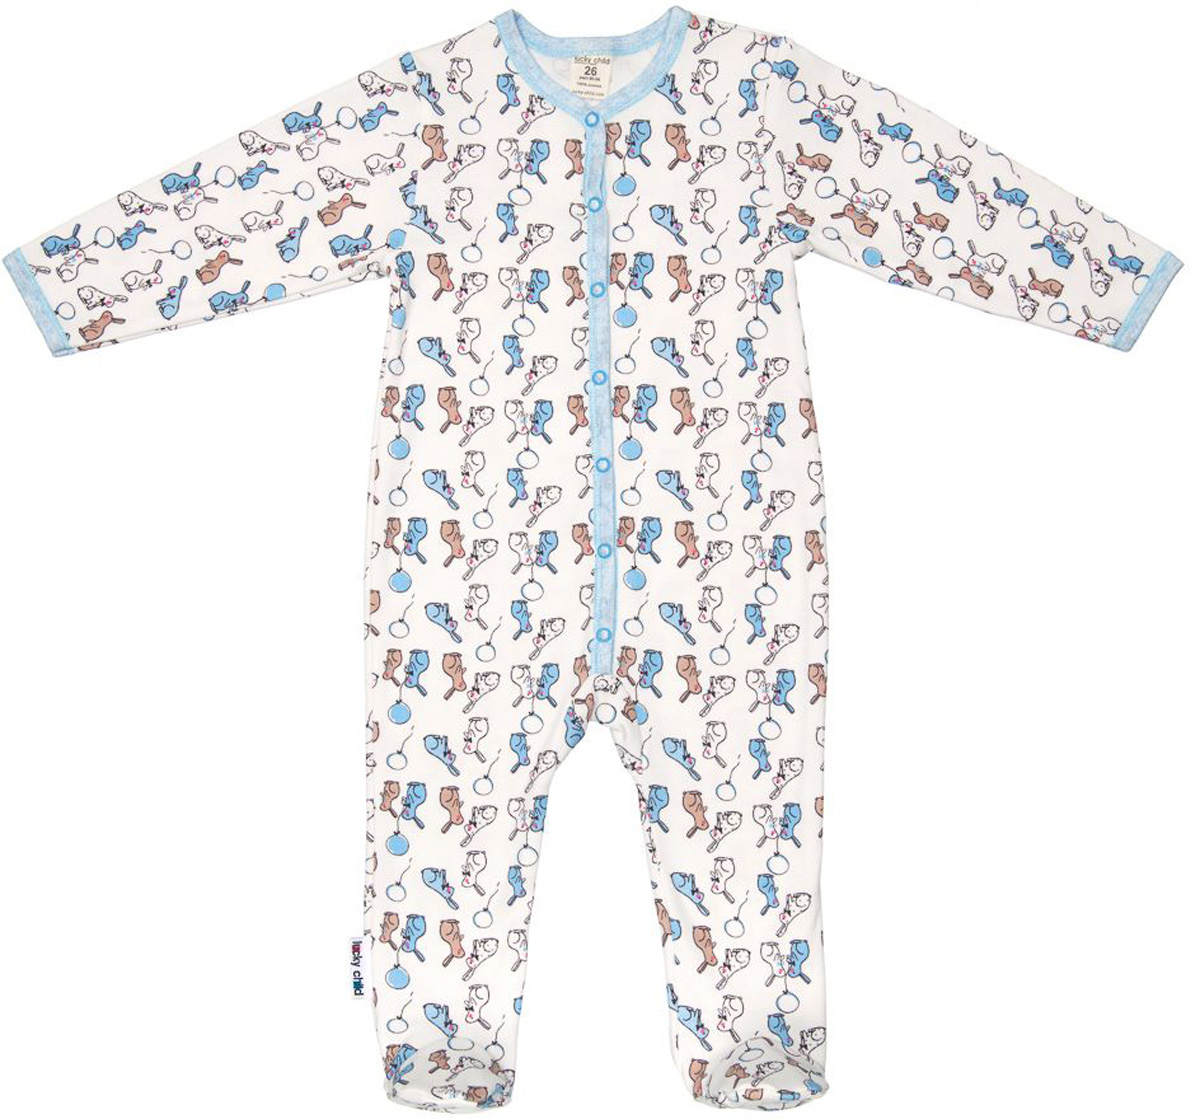 Комбинезон домашний детский Luky Child, цвет: молочный, голубой. А1-103/цв. Размер 56/62А1-103/цвДетский комбинезон Lucky Child - очень удобный и практичный вид одежды для малышей. Комбинезон выполнен из натурального хлопка, благодаря чему он необычайно мягкий и приятный на ощупь, не раздражают нежную кожу ребенка и хорошо вентилируются, а эластичные швы приятны телу малыша и не препятствуют его движениям. Комбинезон с длинными рукавами и закрытыми ножками имеет застежки-кнопки от горловины до щиколоток, которые помогают легко переодеть младенца или сменить подгузник. С детским комбинезоном Lucky Child спинка и ножки вашего малыша всегда будут в тепле, он идеален для использования днем и незаменим ночью. Комбинезон полностью соответствует особенностям жизни младенца в ранний период, не стесняя и не ограничивая его в движениях!